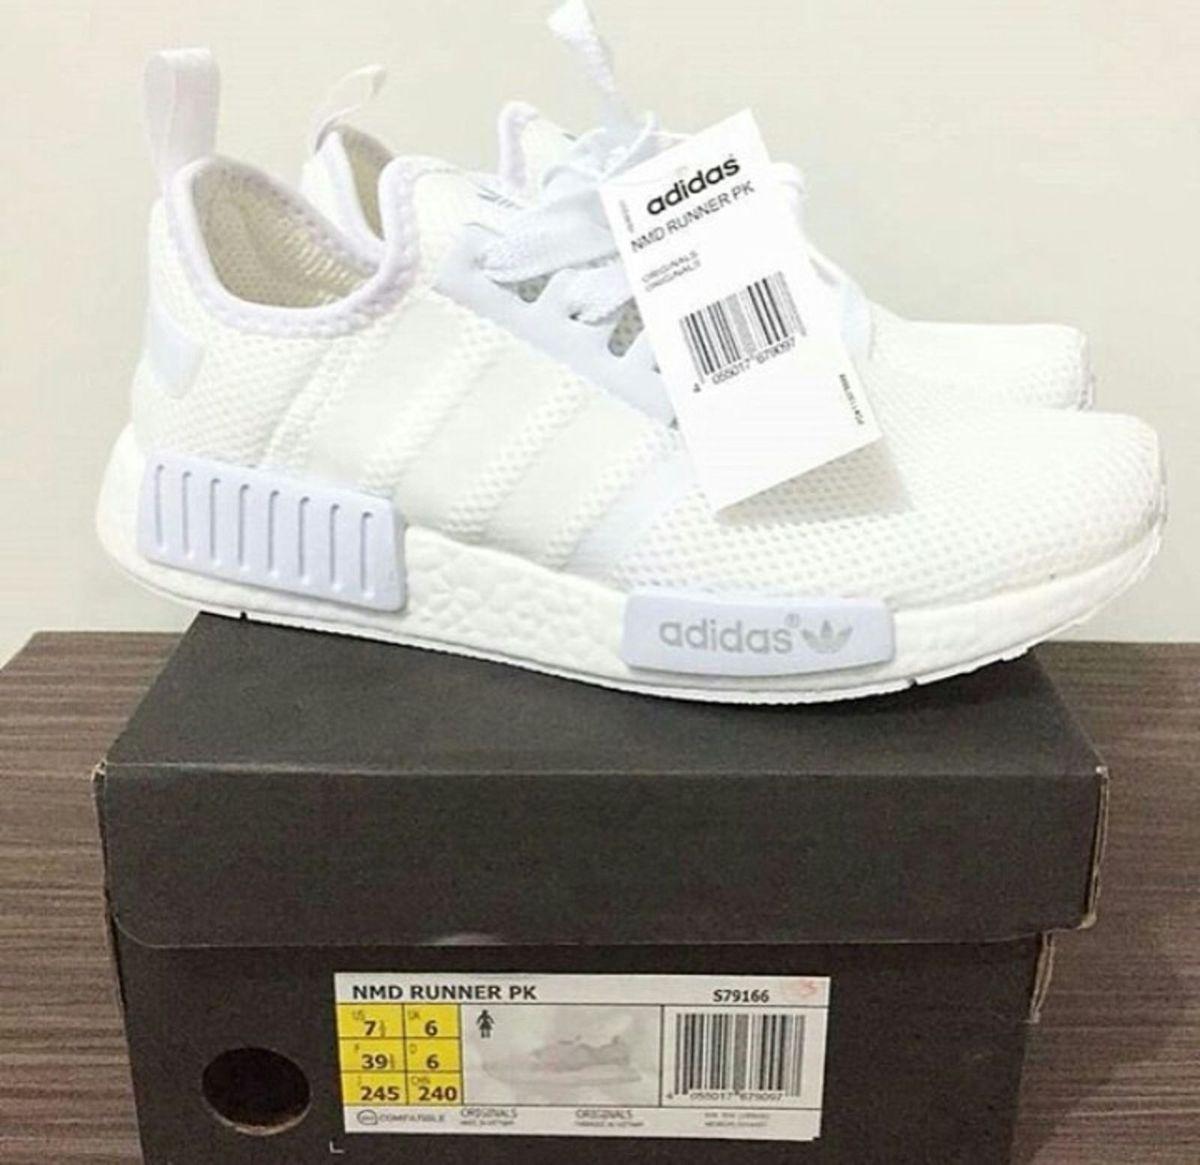 f7e550e5fcc adidas nmd r1 - white - tênis adidas.  Czm6ly9wag90b3muzw5qb2vplmnvbs5ici9wcm9kdwn0cy81nzu4ntc4lzjiywyxzjniodg1otqyzdu5ote4ntm2ywi4zdnmndnklmpwzw  ...